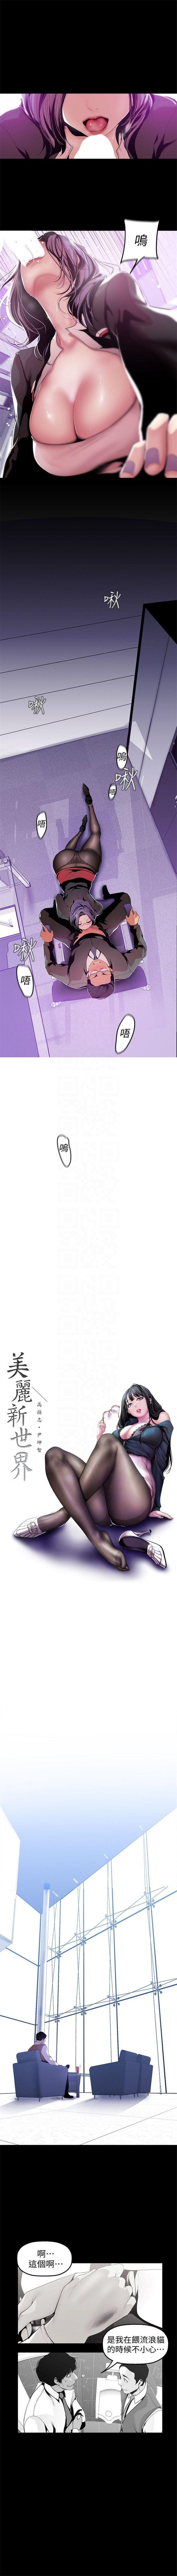 (週1)美麗新世界 1-76 中文翻譯 (更新中) 342